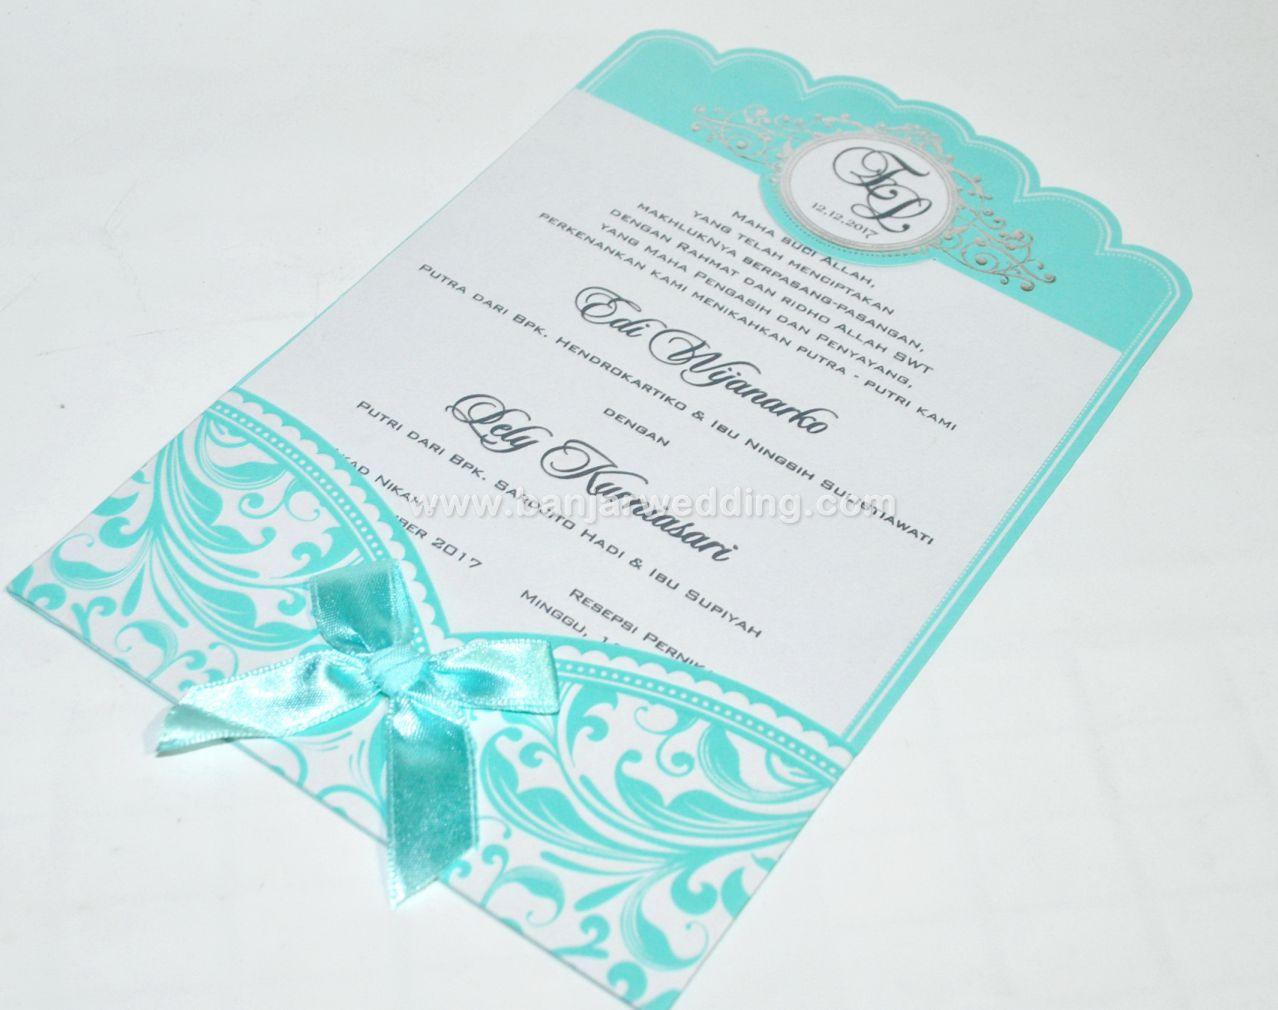 undangan pernikahan unik_2